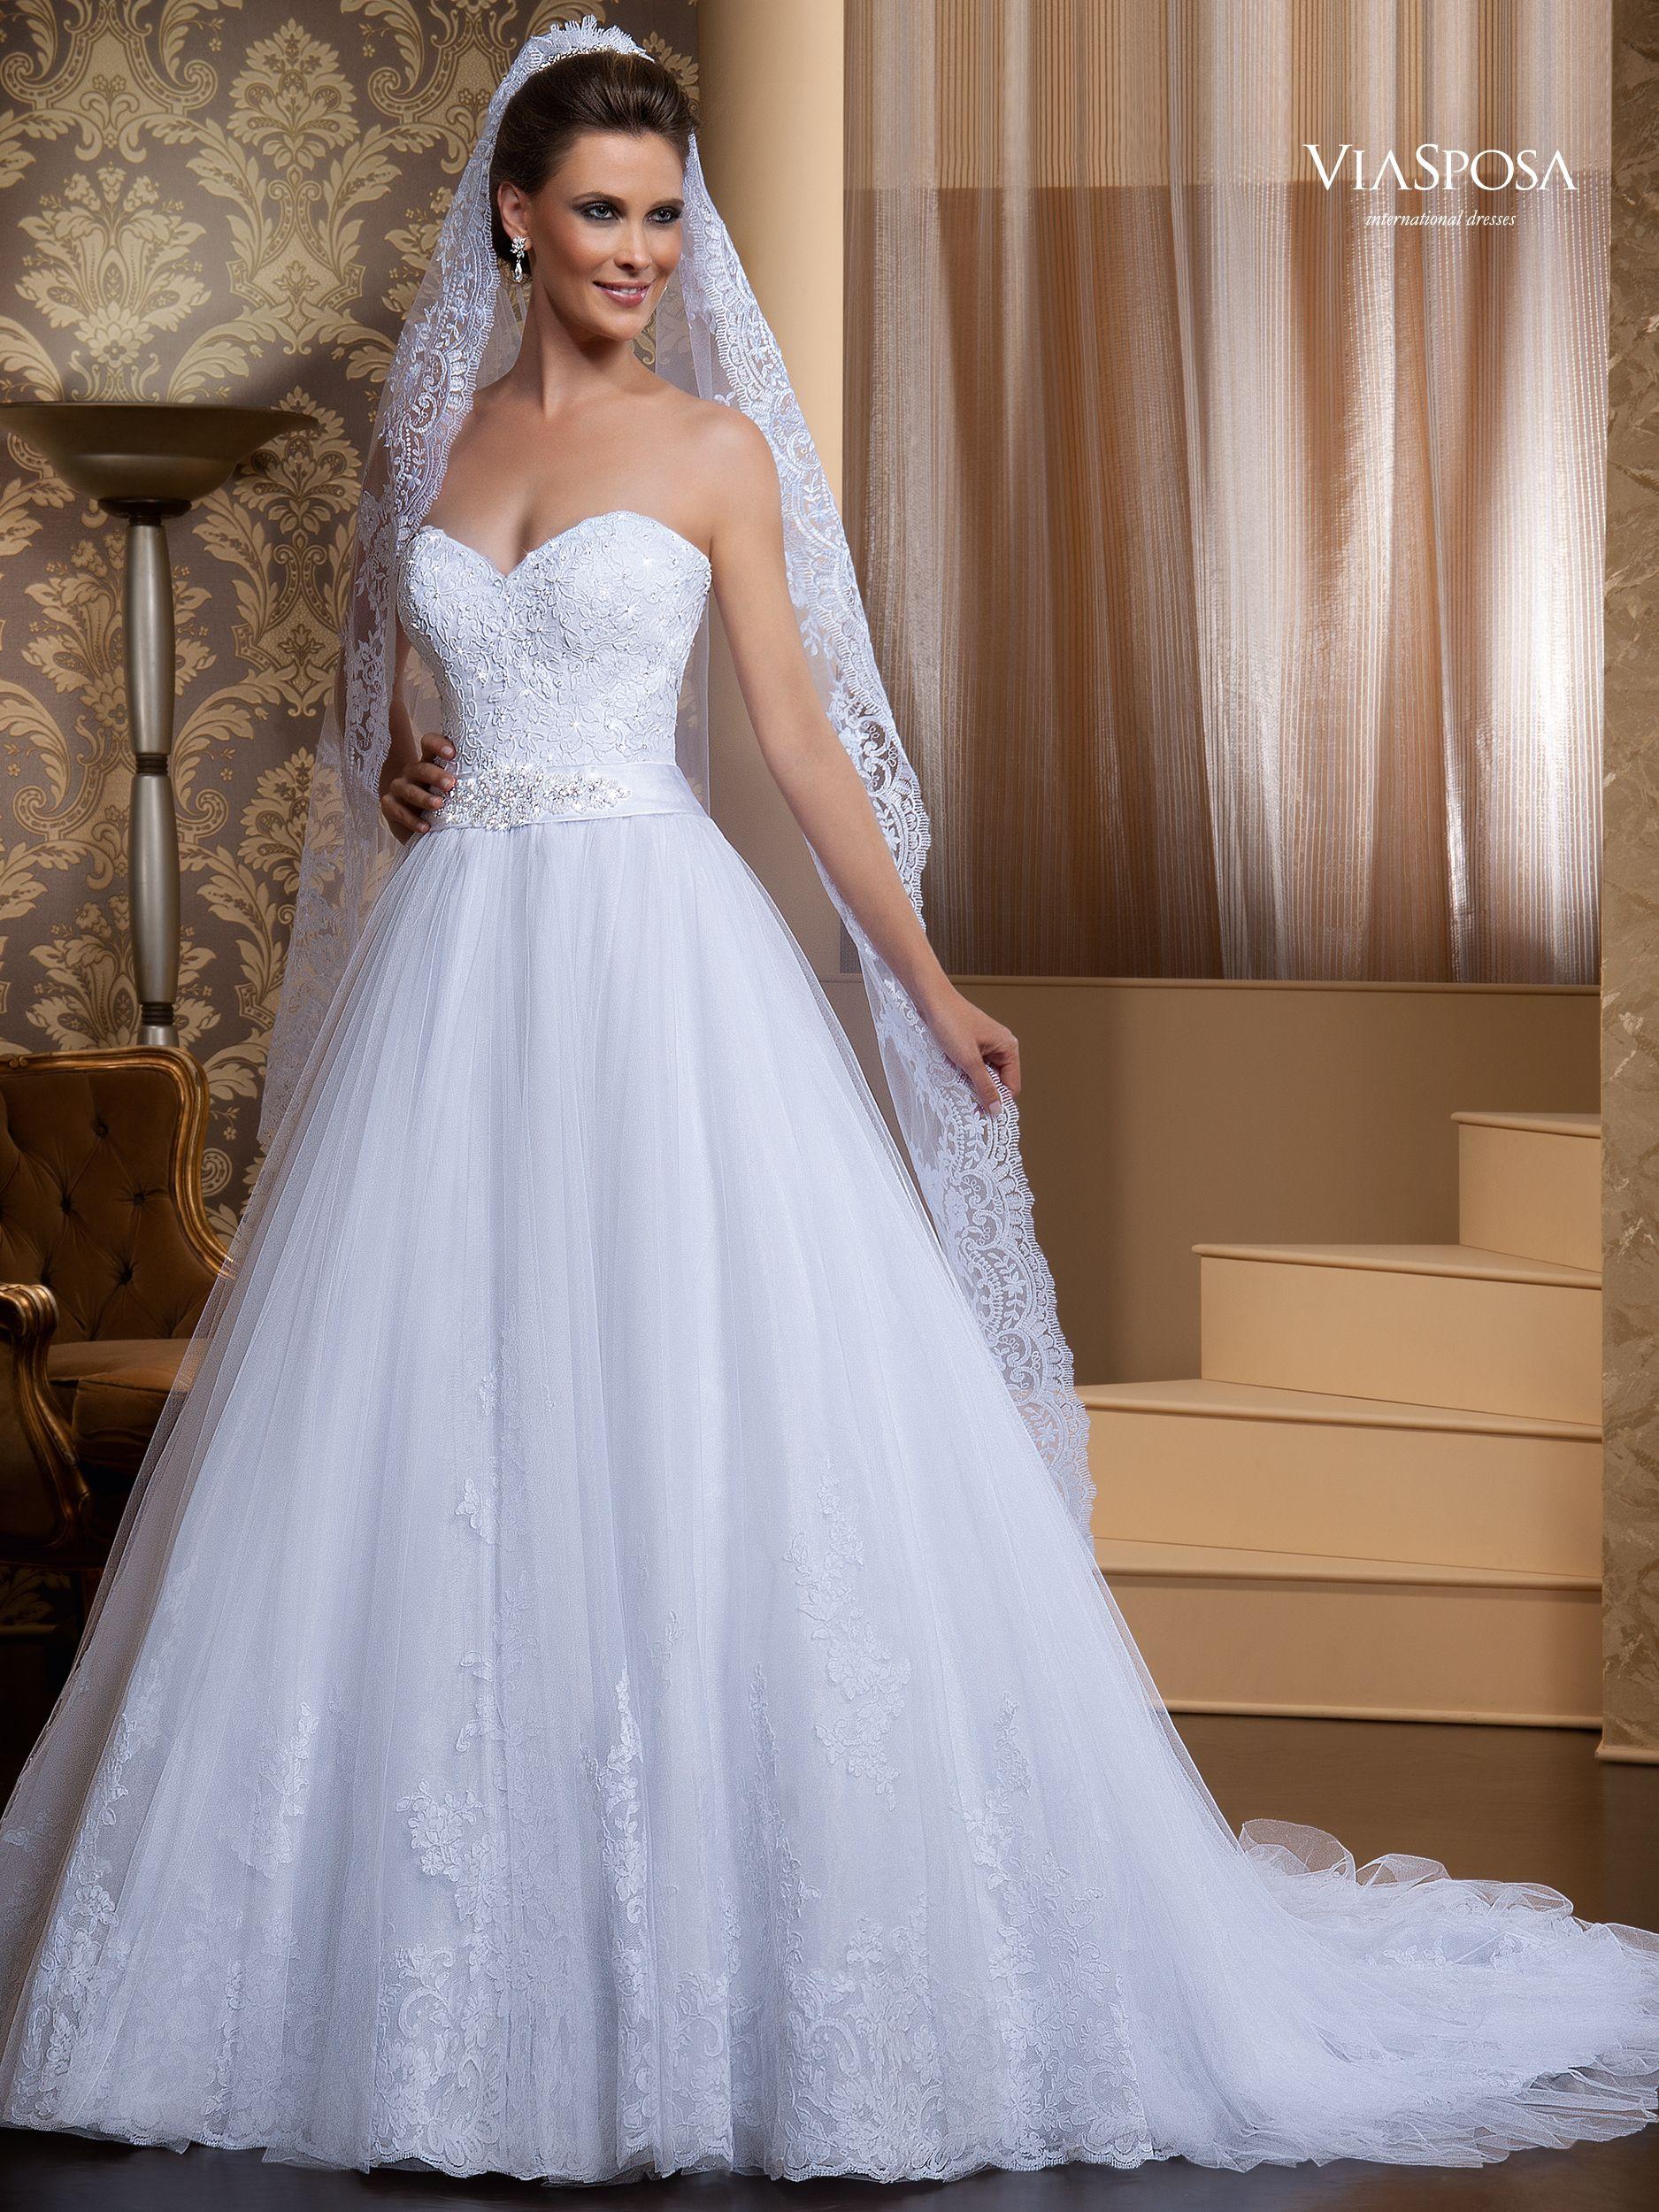 White and blue wedding dresses  Com que véu eu vou  Noiva Sortuda  Hochzeit  Pinterest  Wedding